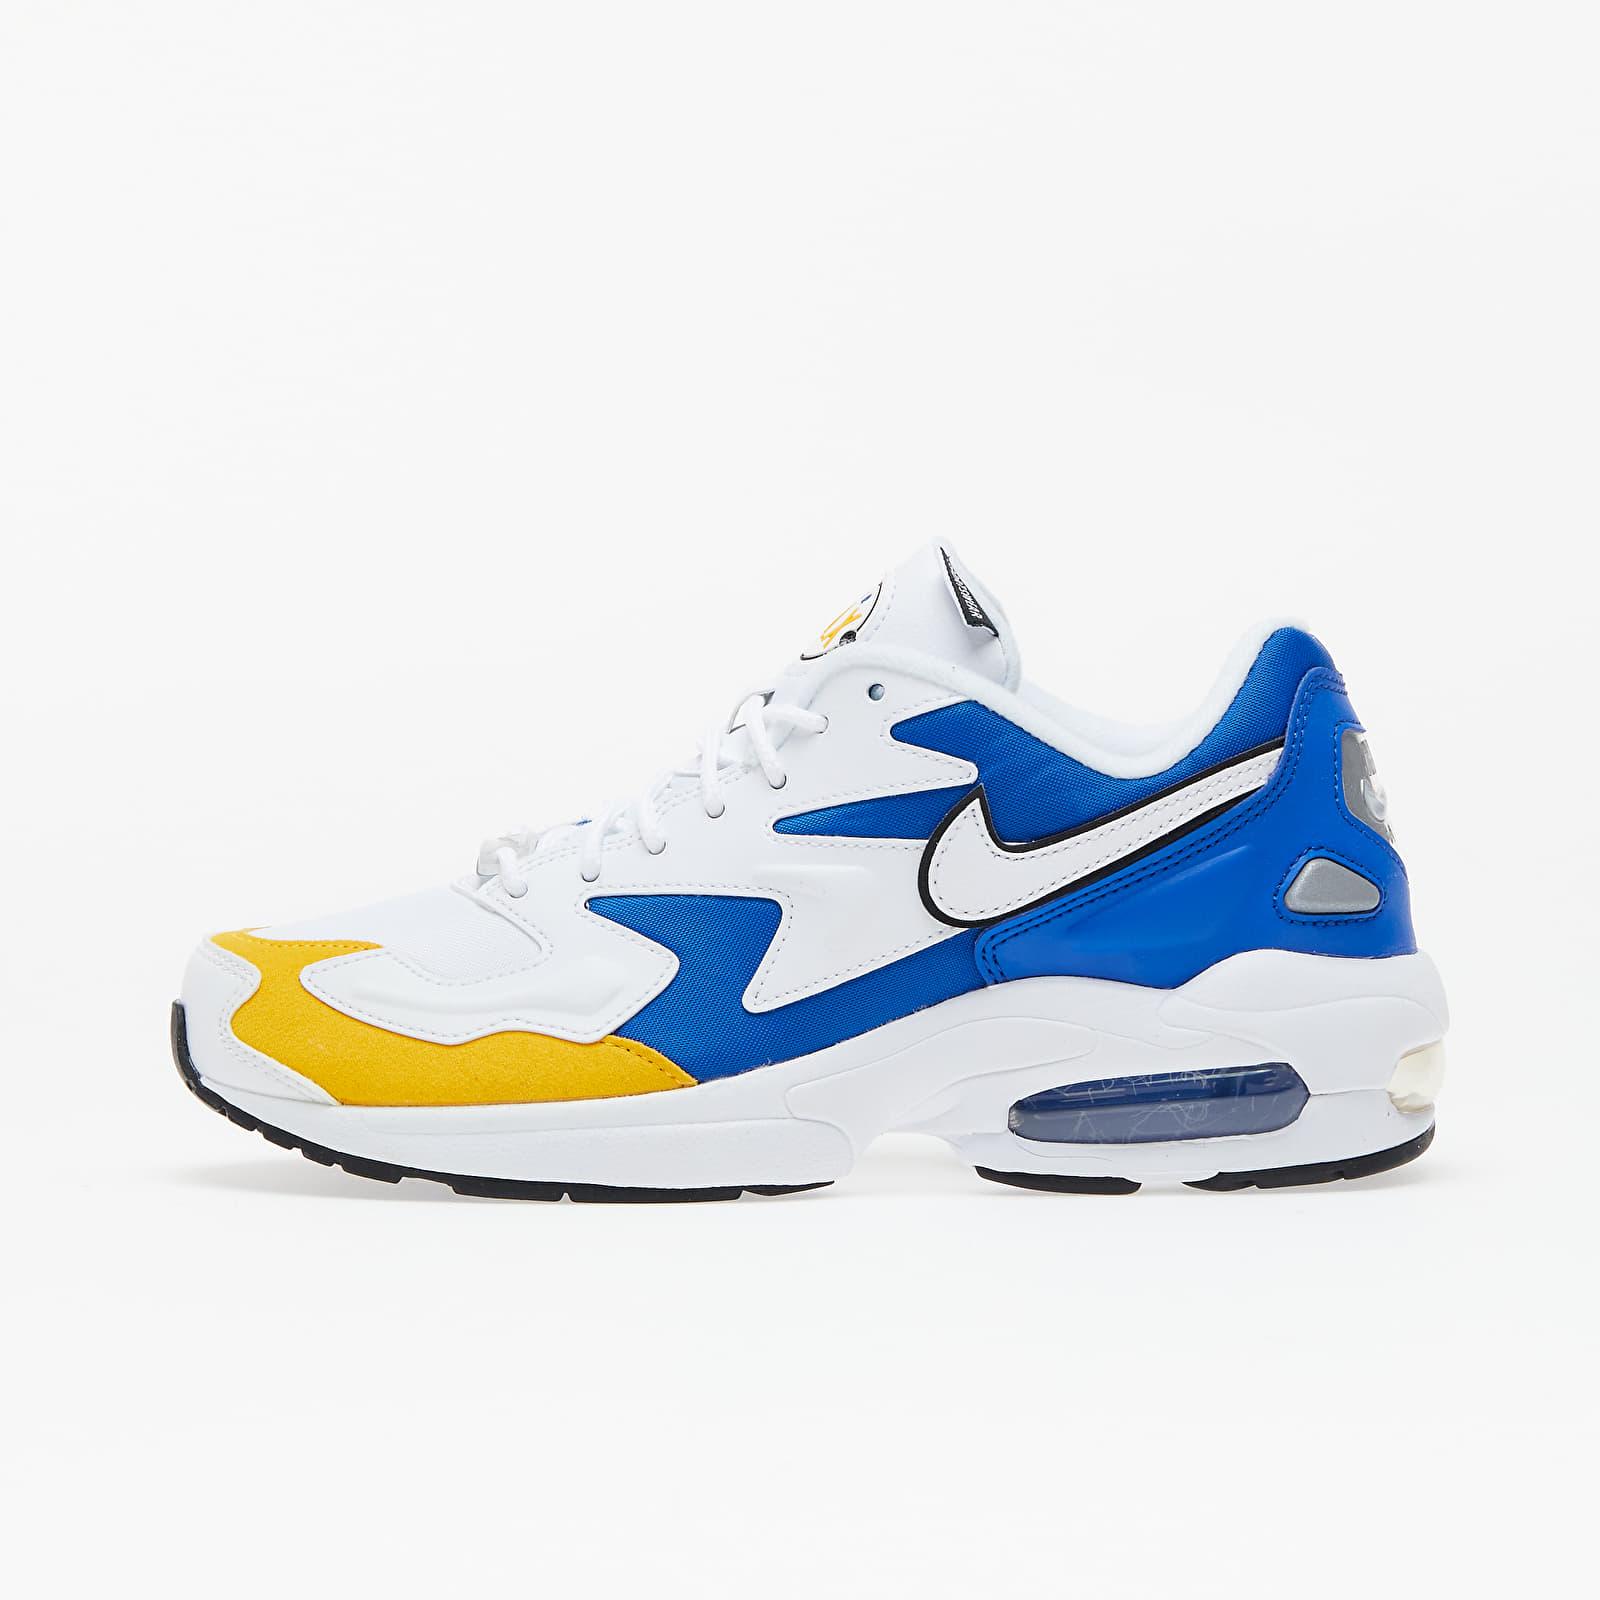 Ανδρικά παπούτσια Nike Air Max 2 Light Premium White/ White-University Gold-Game Royal